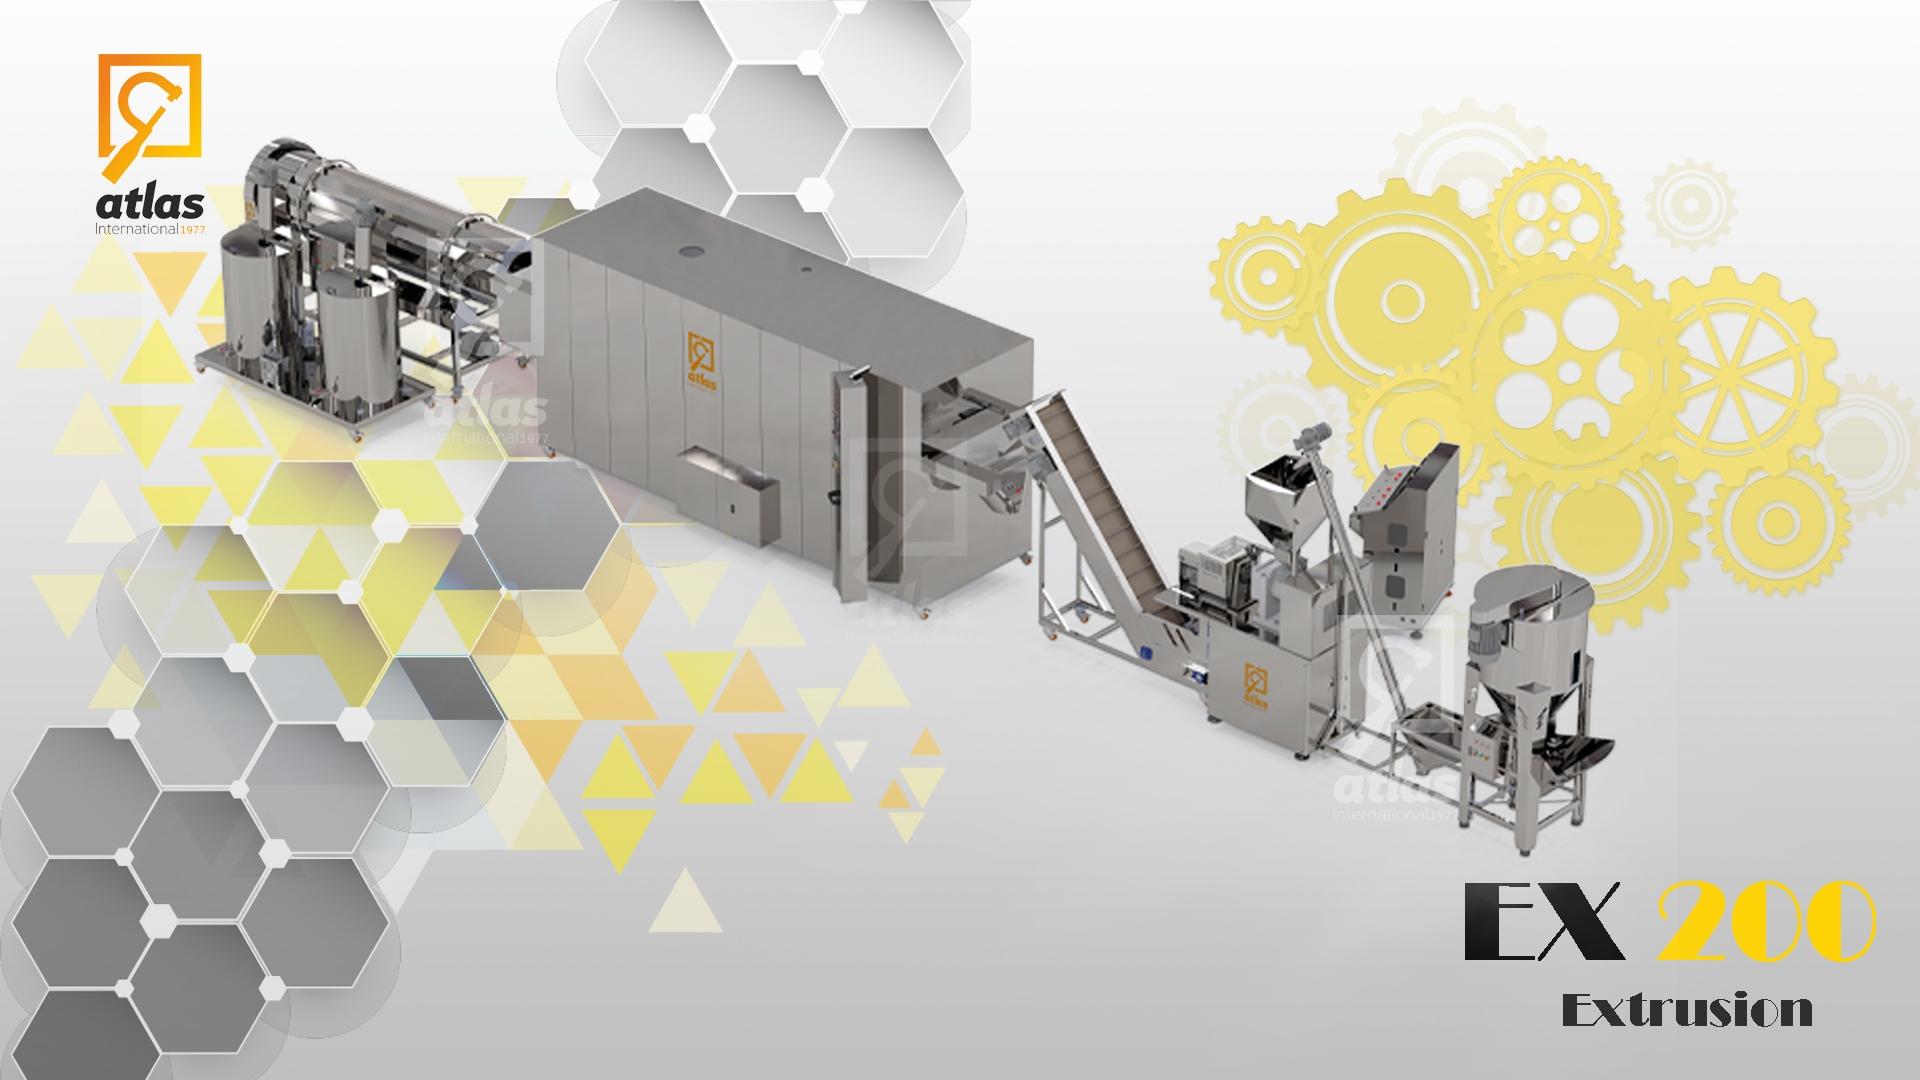 خط إنتاج شيبس الذرة EX 200